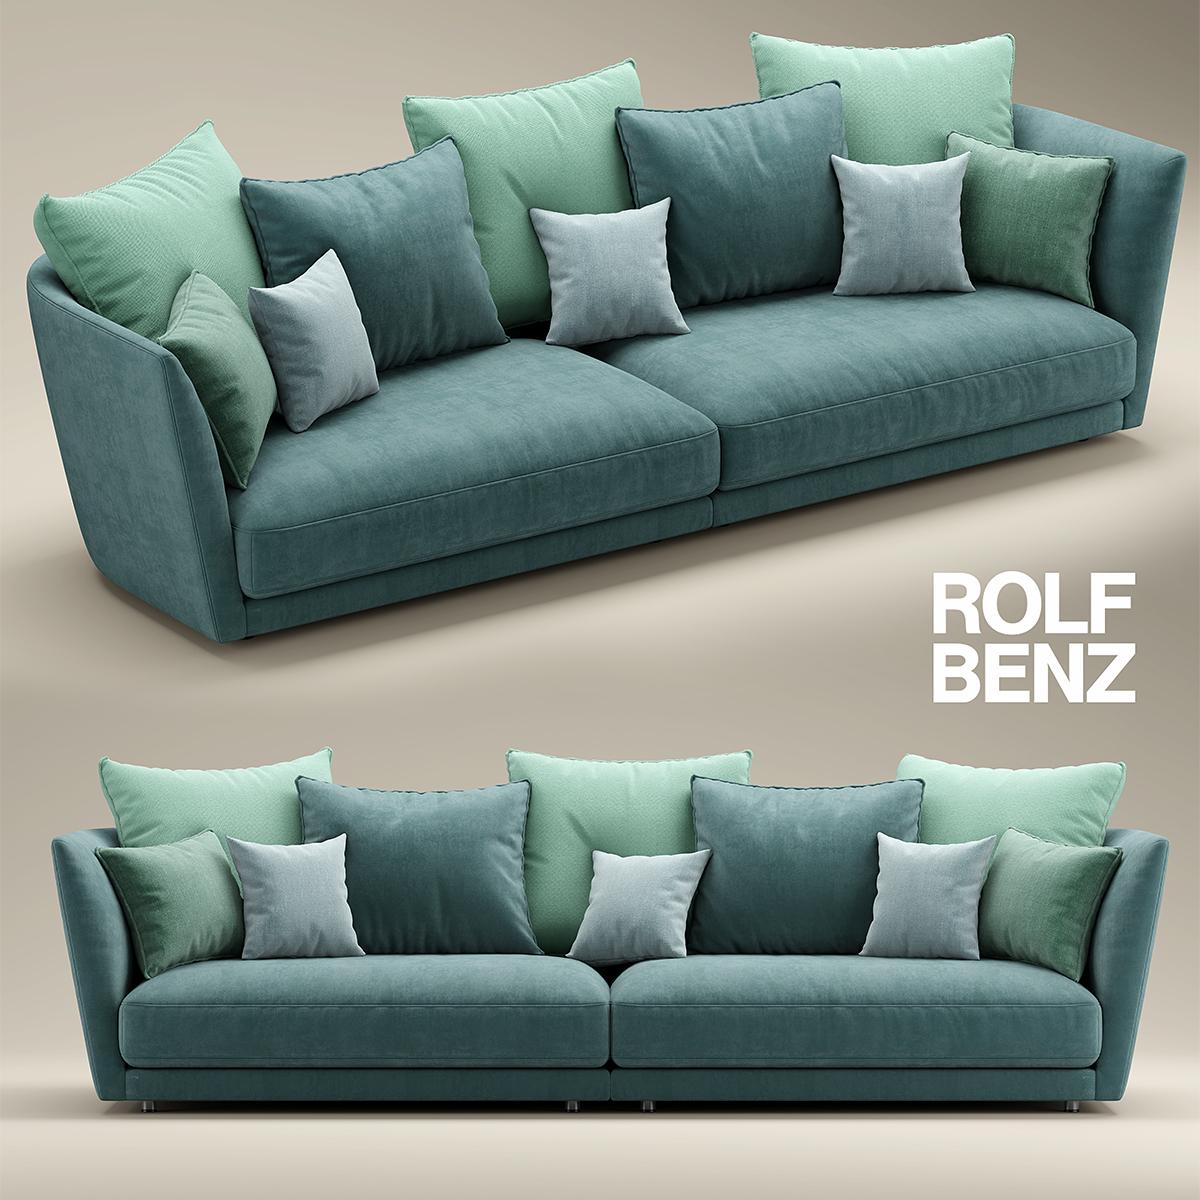 Rolf Benz Draaifauteuil.Rolf Benz Tondo 3d Model